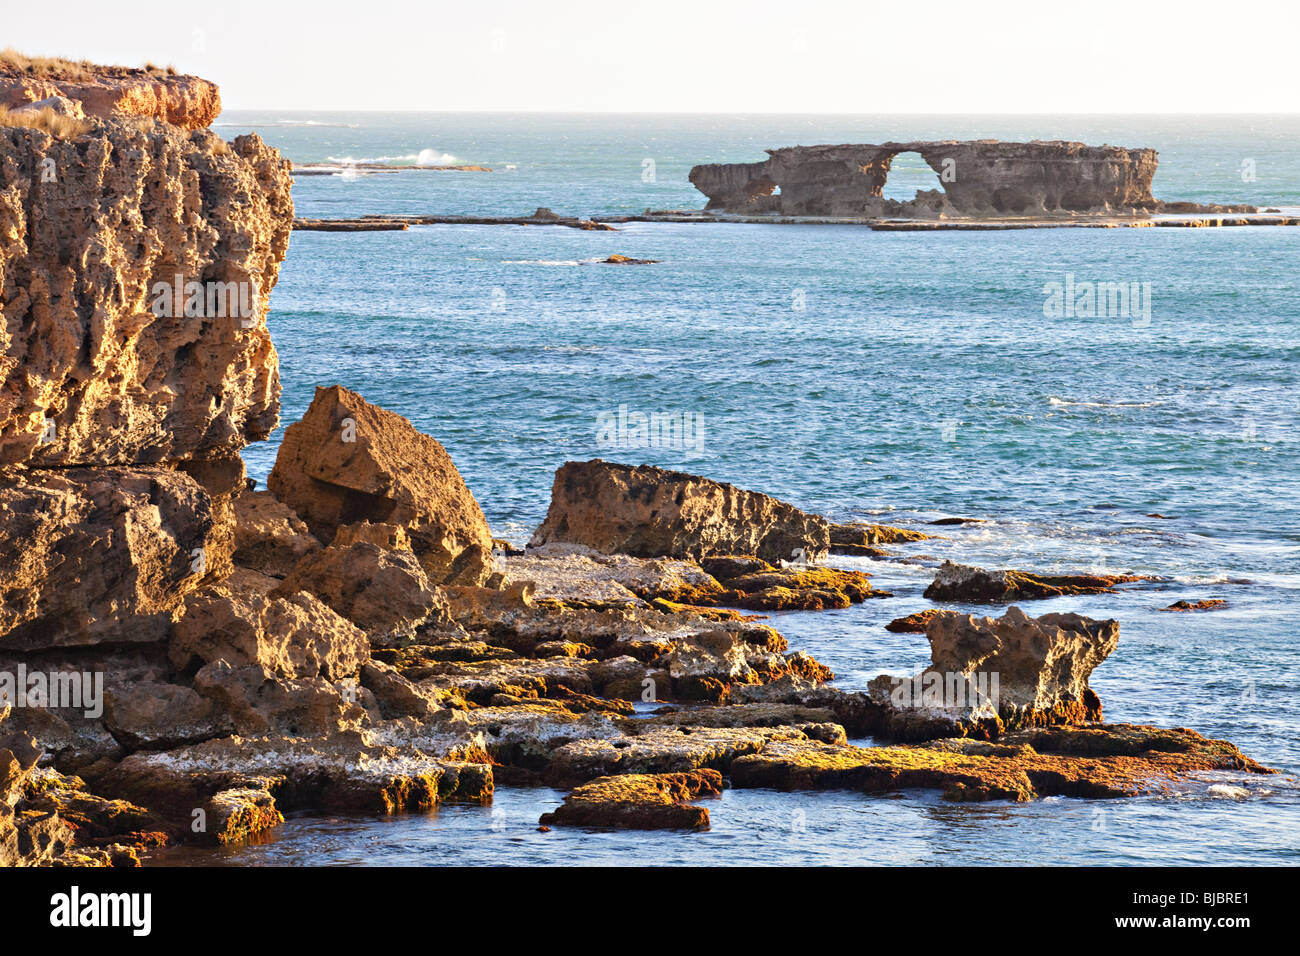 Klippen am Ozean, Robe, Süd-Australien Stockbild